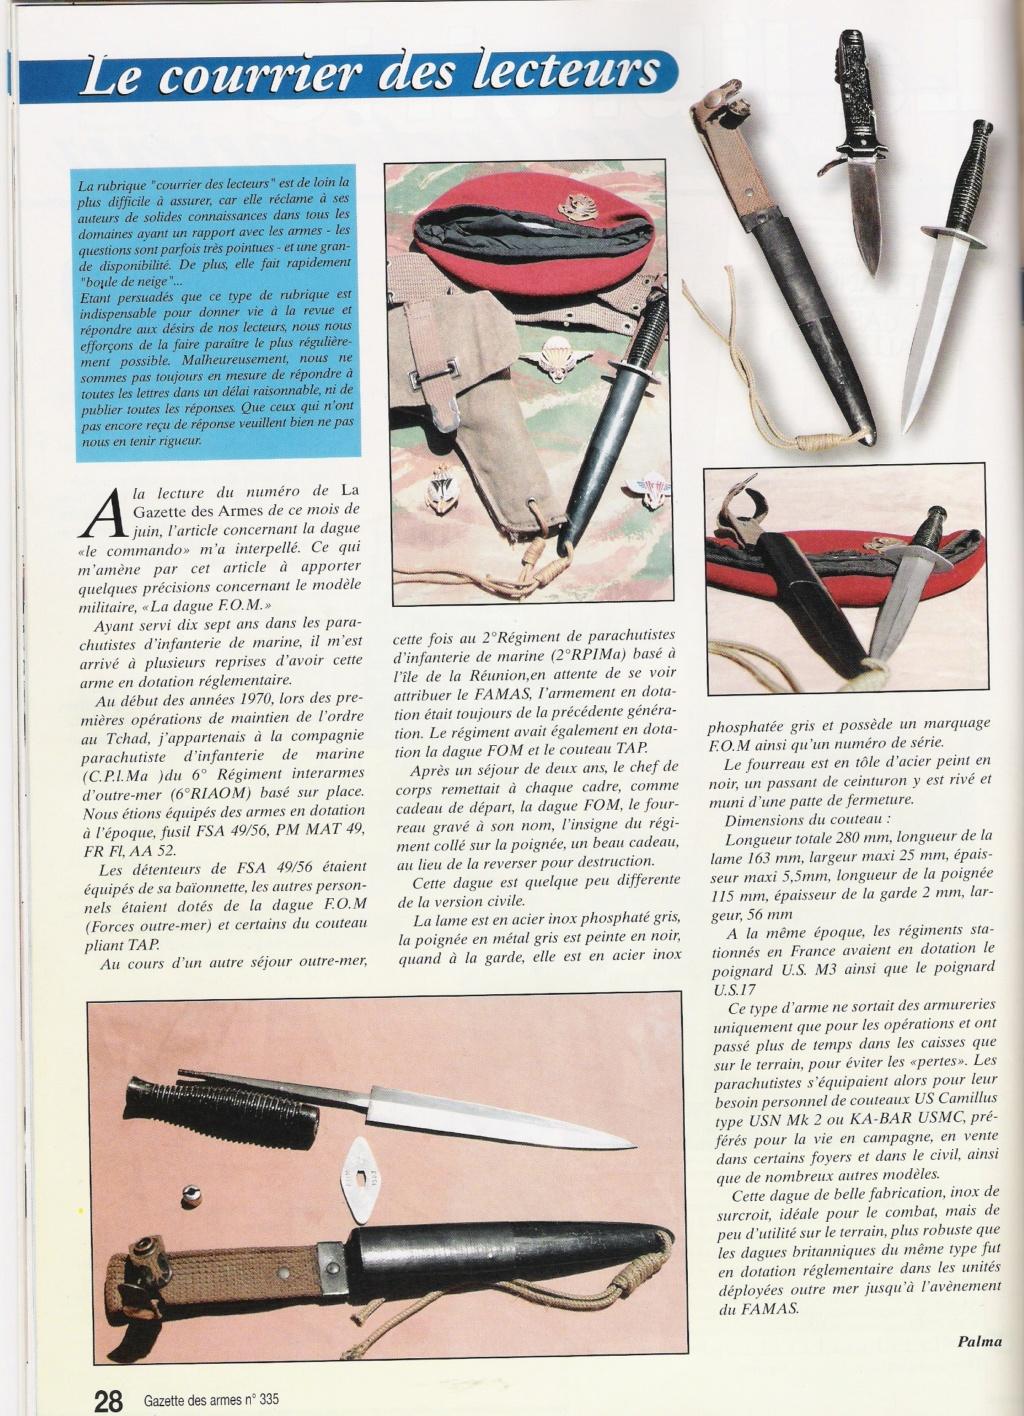 dague commando super nogent mais pas le modele clasique  - Page 2 Fom_11